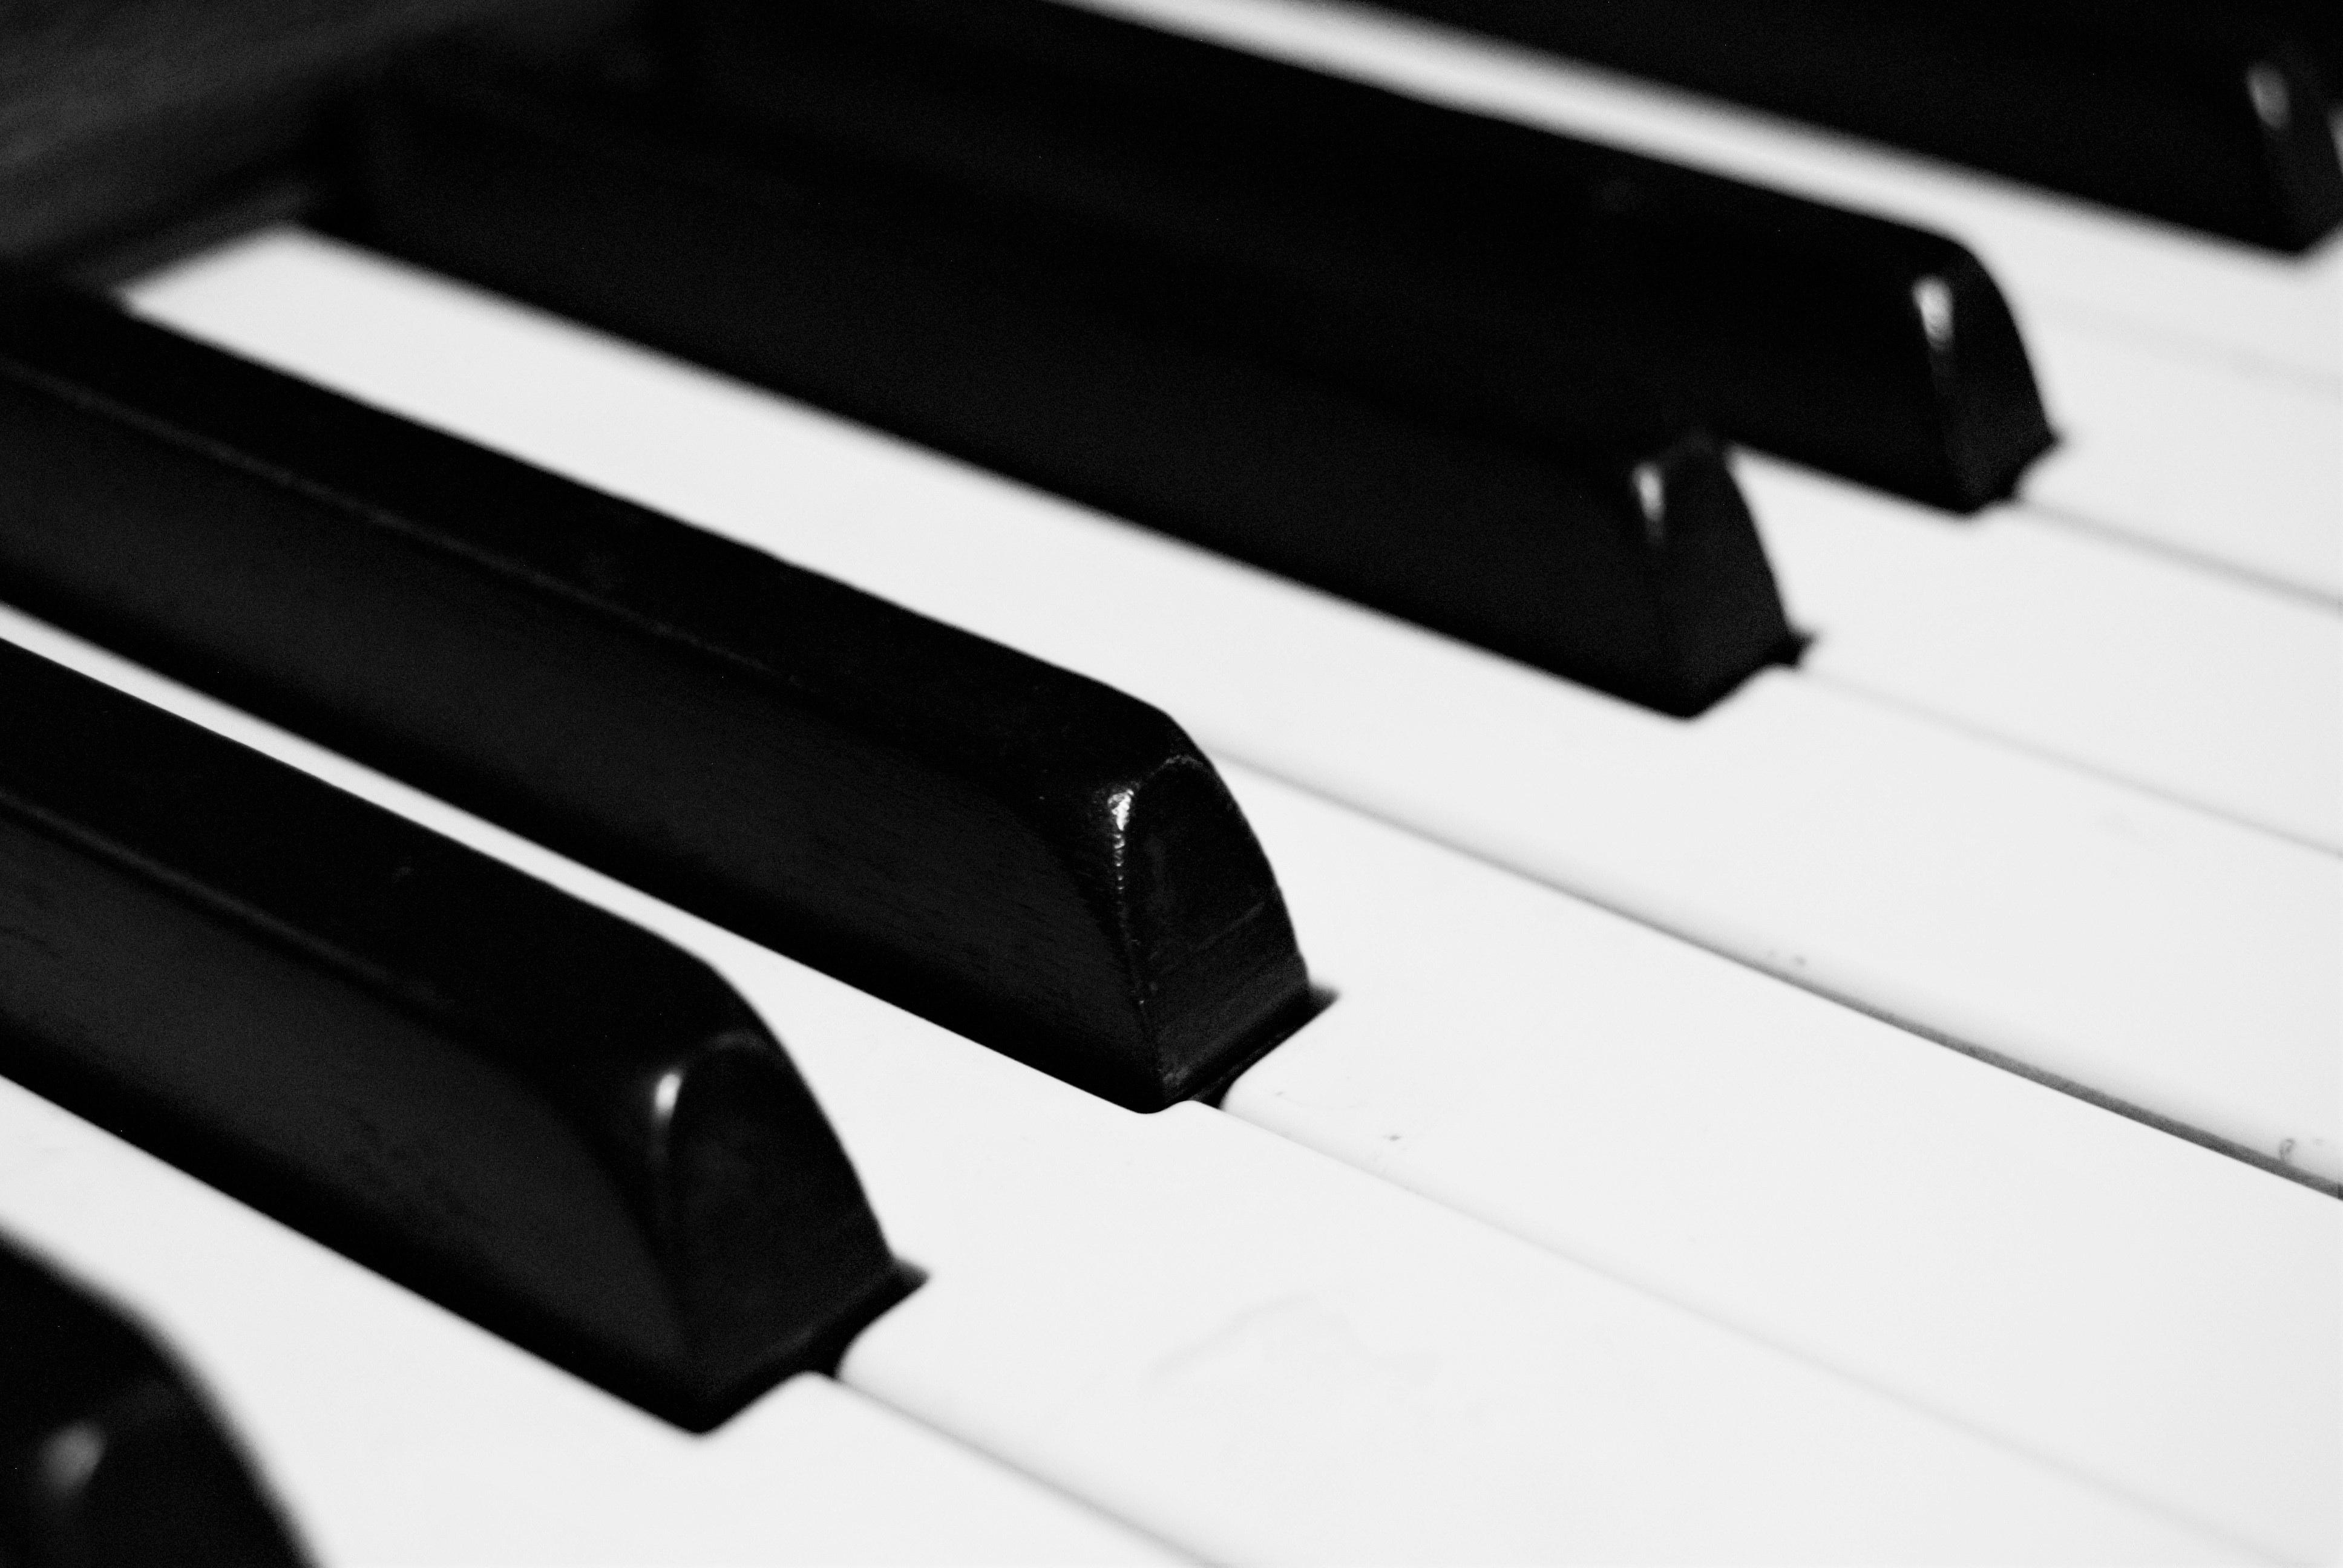 bakgrundsbilder svartvitt teknologi svartvit musik instrument pianist dator tangentbord. Black Bedroom Furniture Sets. Home Design Ideas